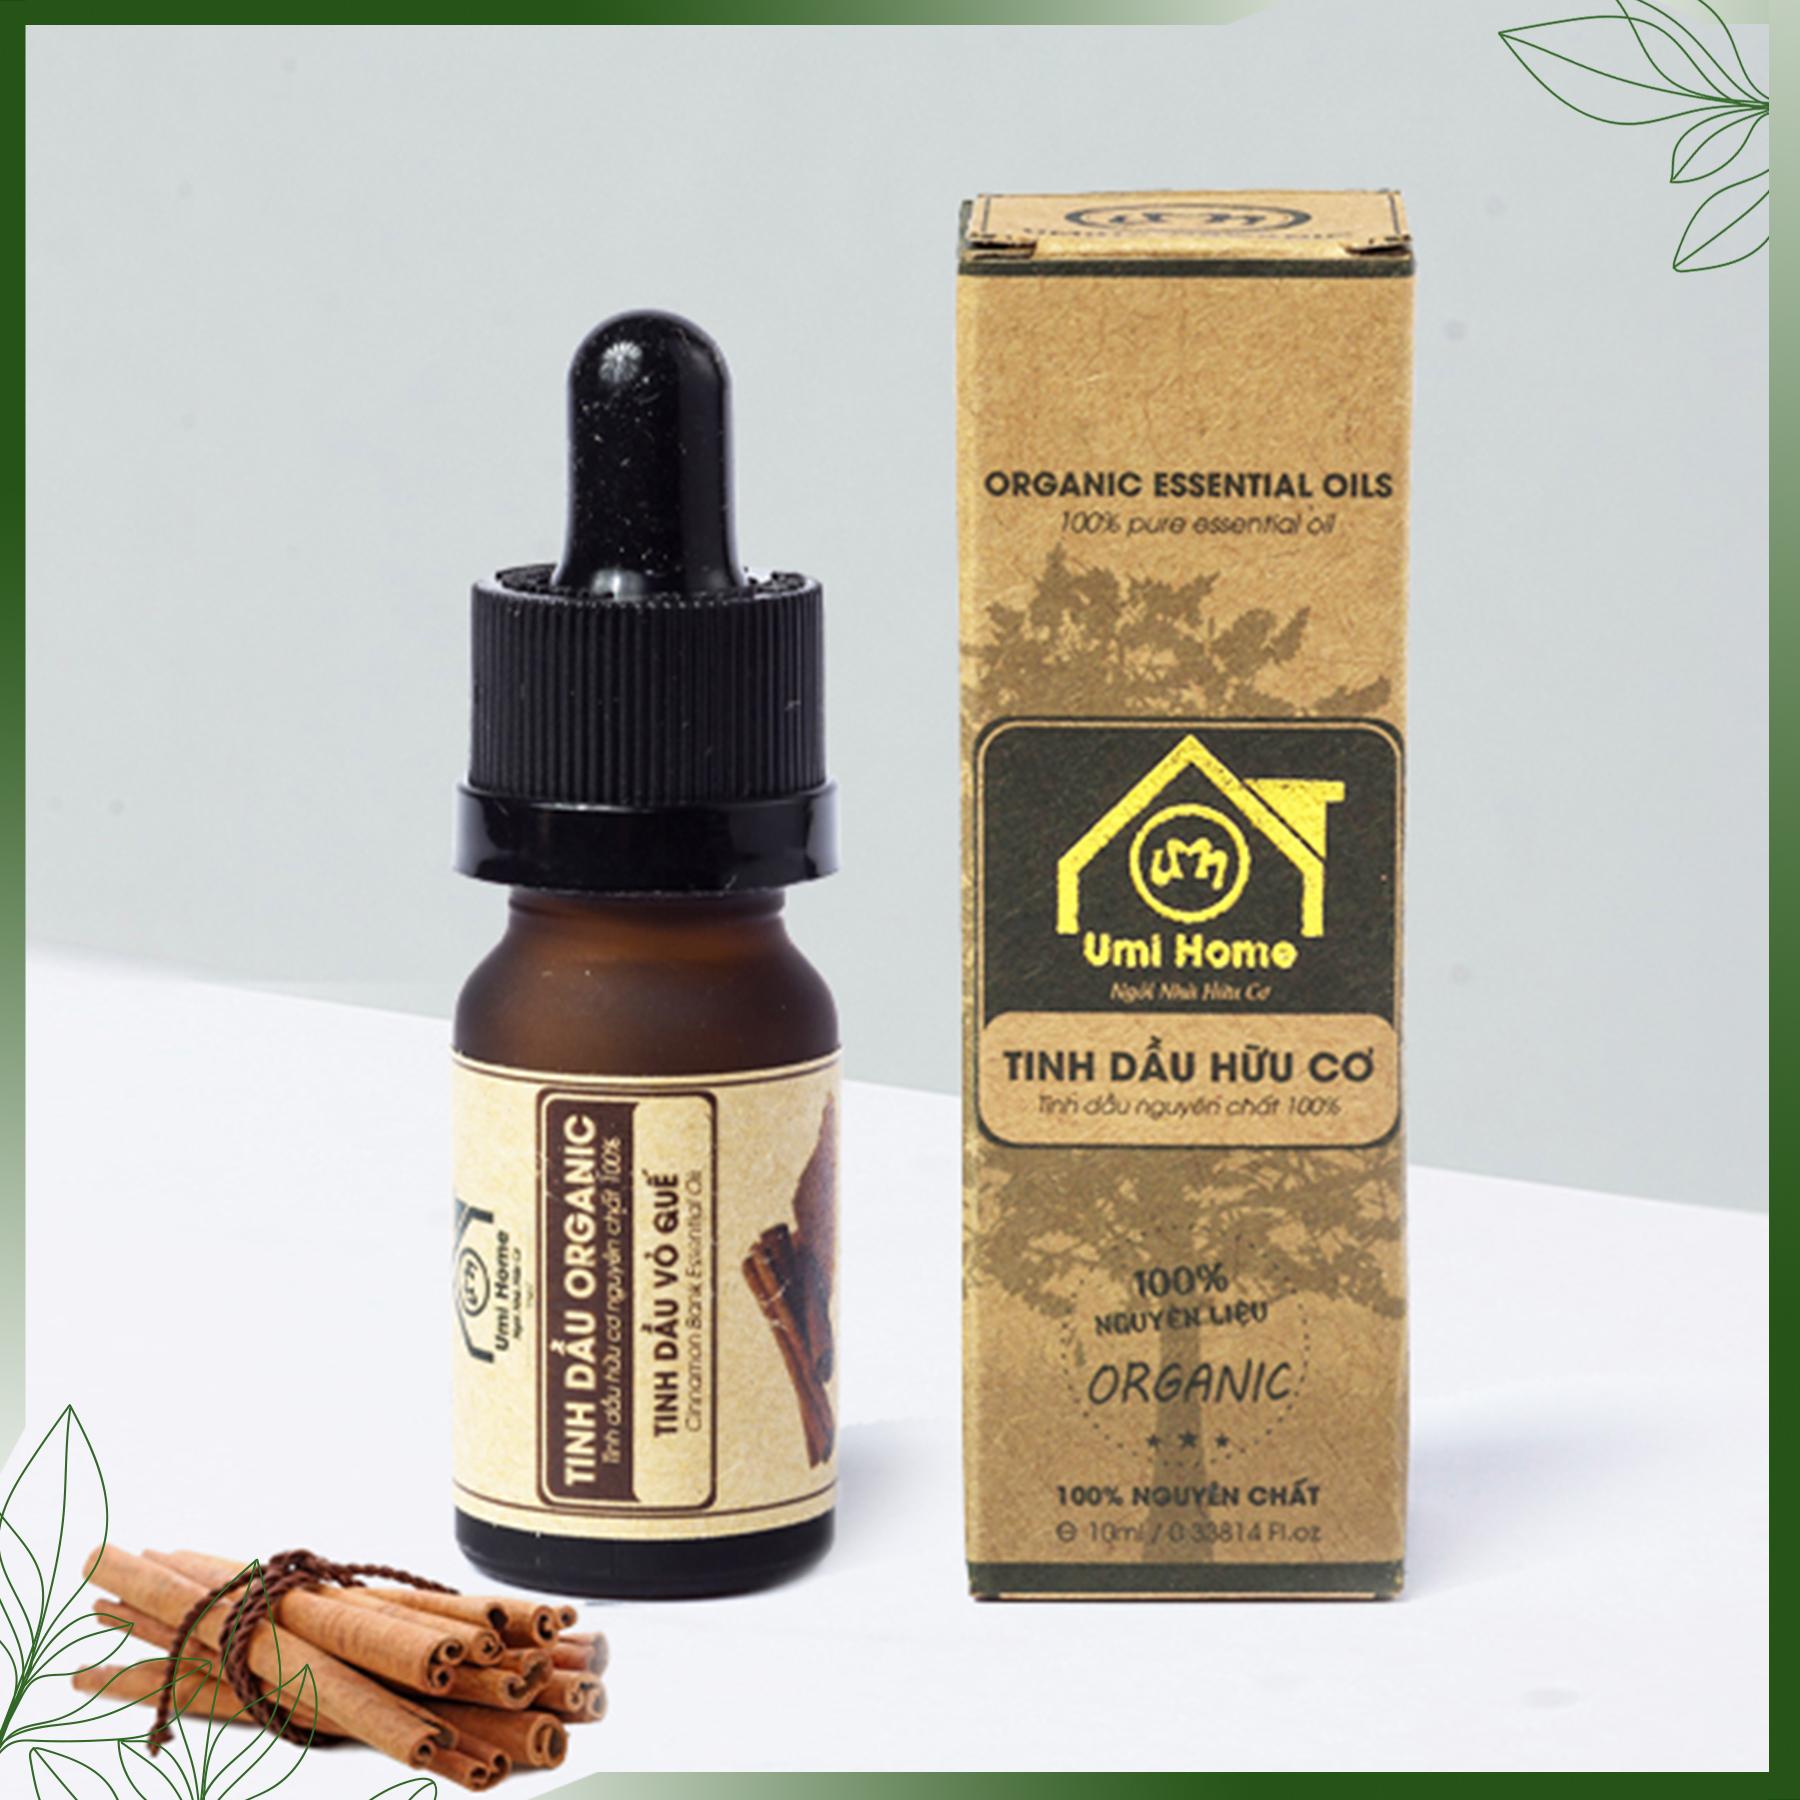 Tinh Dầu Vỏ Quế Nguyên Chất ( 10ml) UMIHOME - Dùng cho đèn xông hương khử mùi, giảm đau đầu, loại bỏ cảm